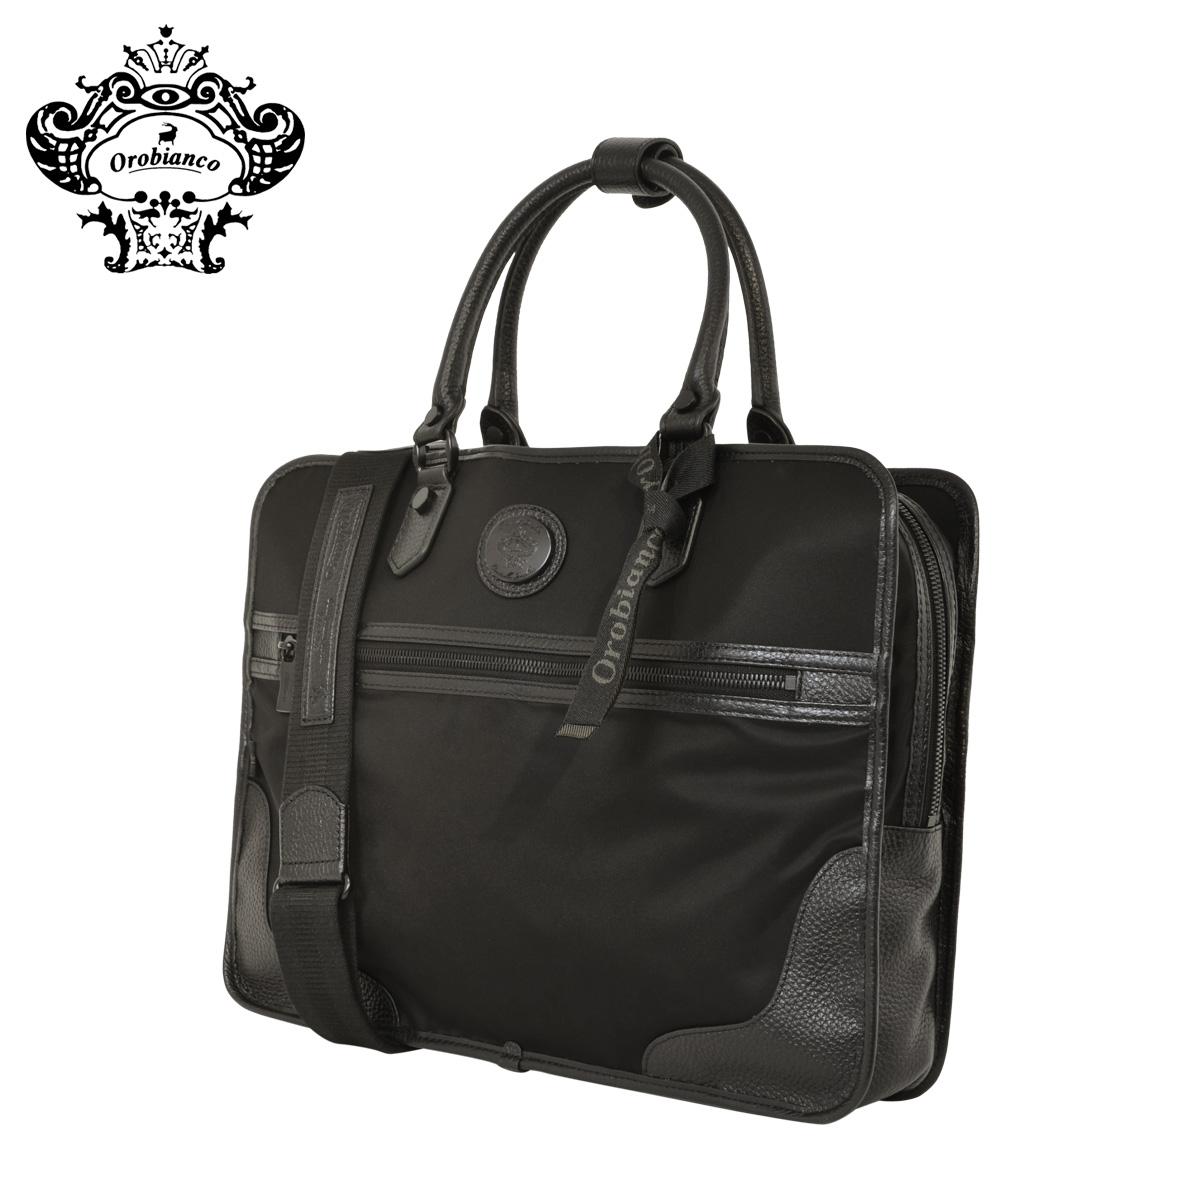 オロビアンコ ビジネスバッグ 2WAY BLACK-LINE メンズ 601201 ZEA-AJ/TT Orobianco   ブリーフケース ショルダーバッグ [PO10]